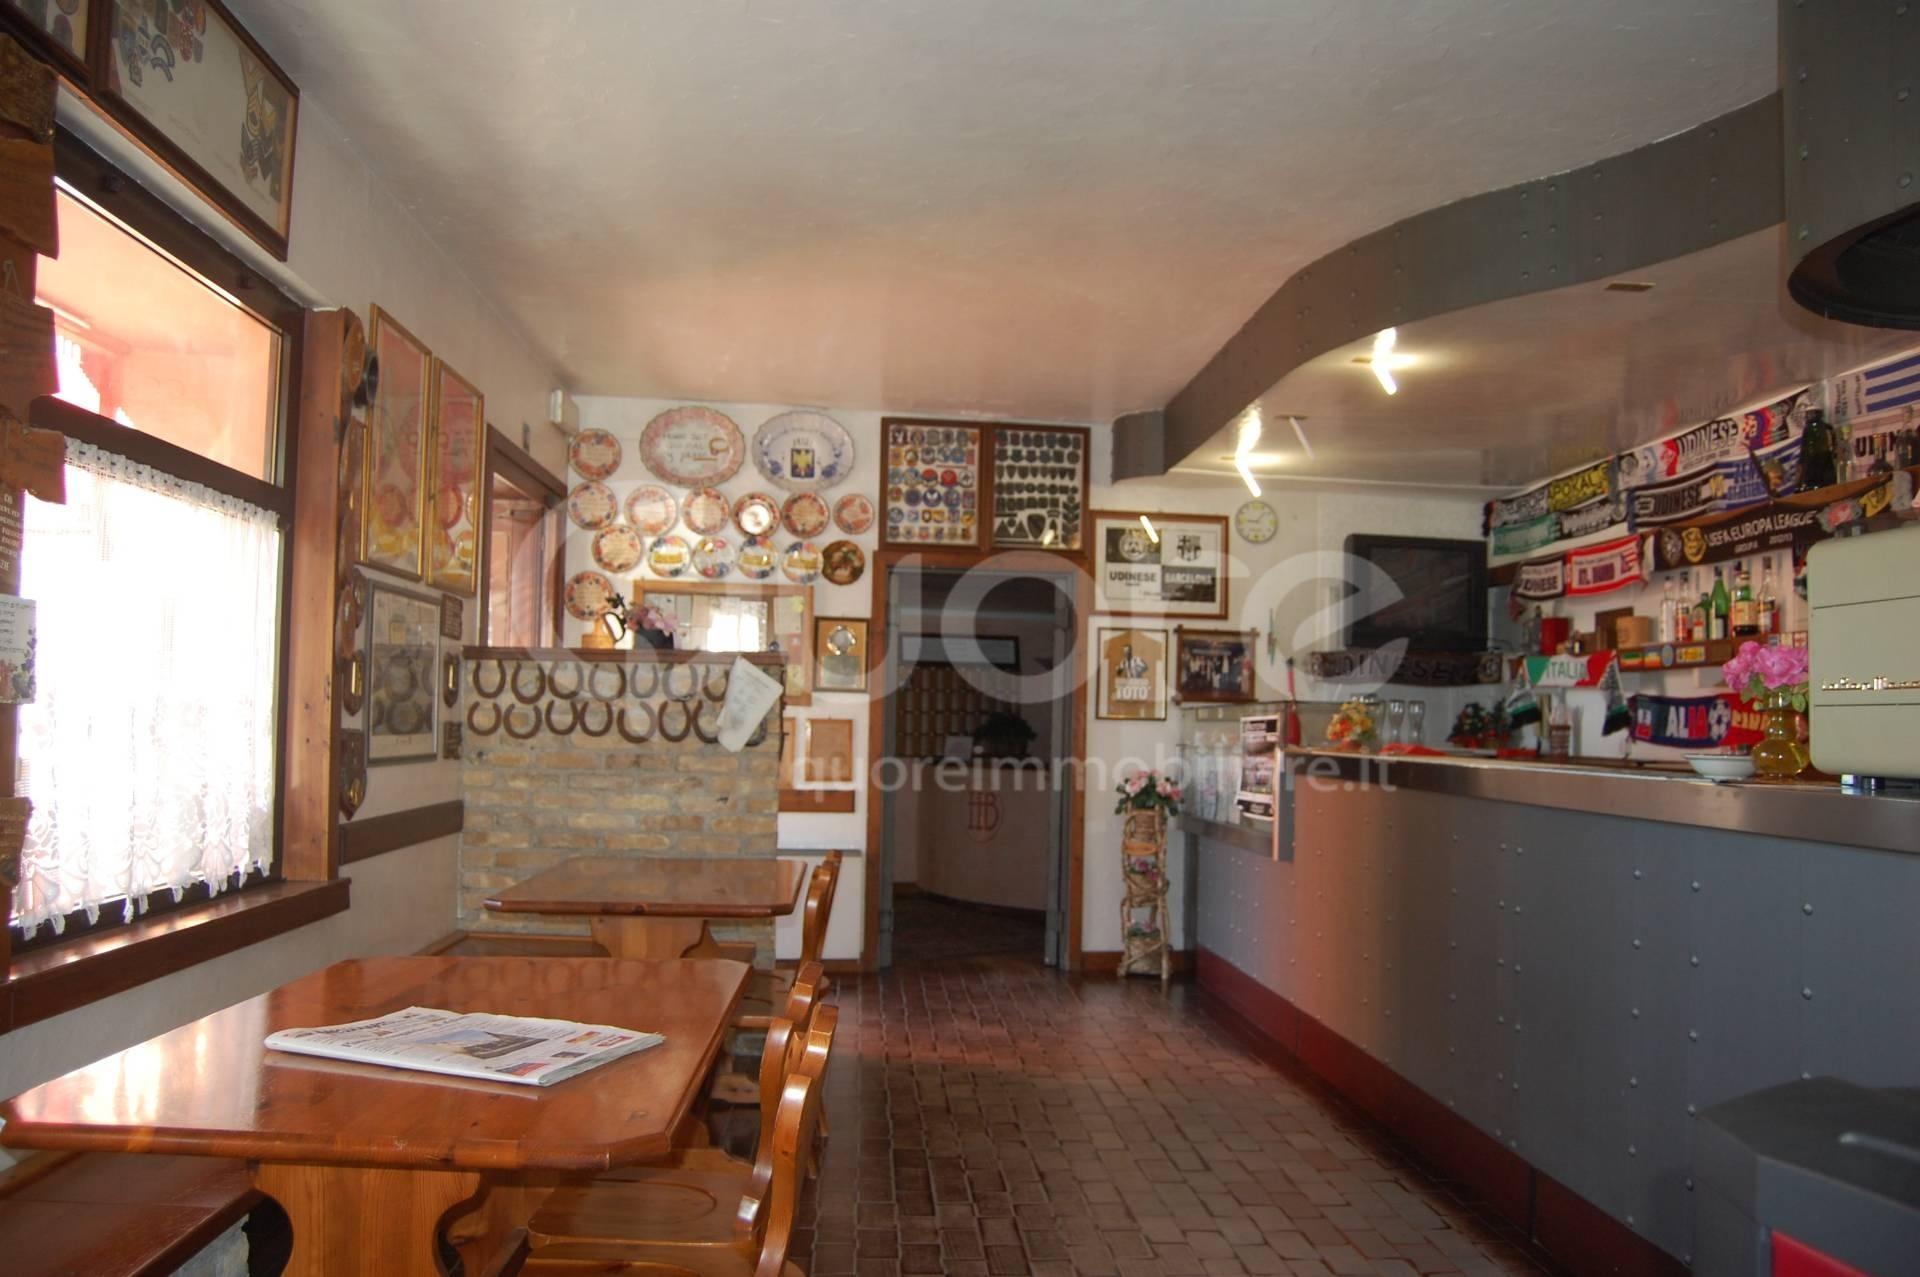 Albergo in vendita a Codroipo, 9999 locali, prezzo € 1.000.000 | CambioCasa.it